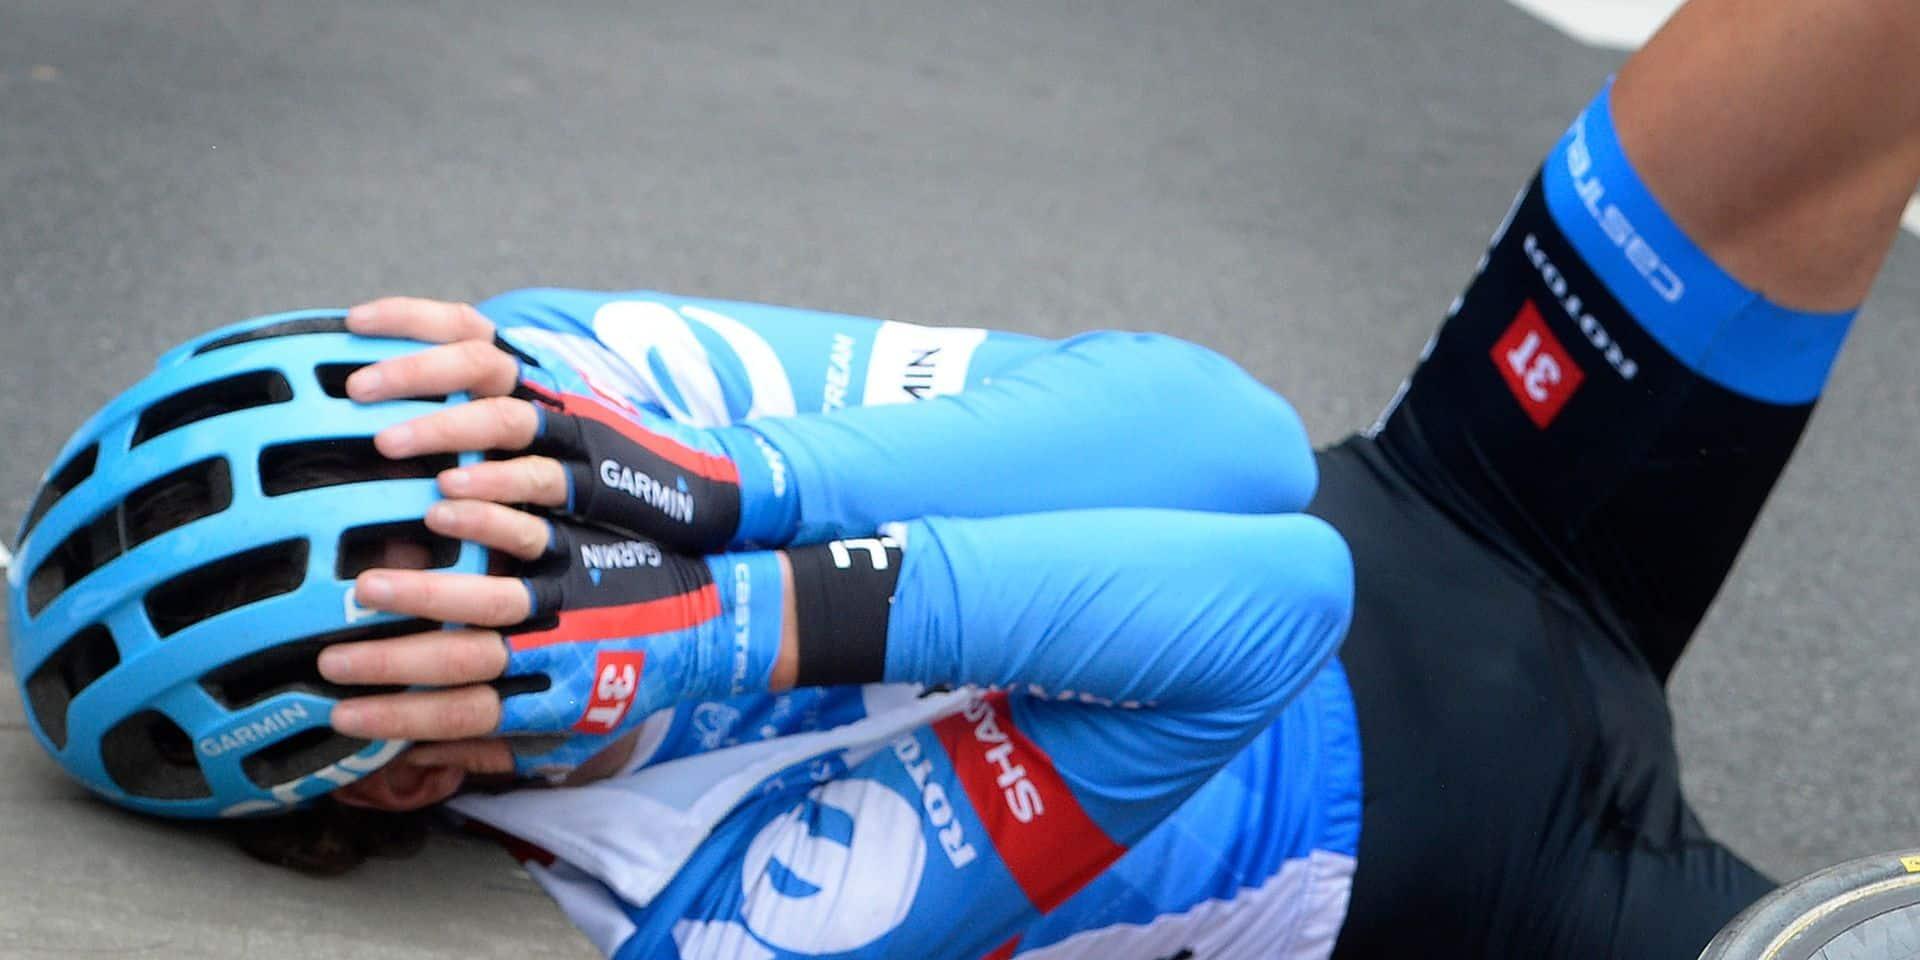 Sept ans plus tard, la spectatrice violemment percutée par Vansummeren au Tour des Flandres est reconnue responsable (VIDEO)